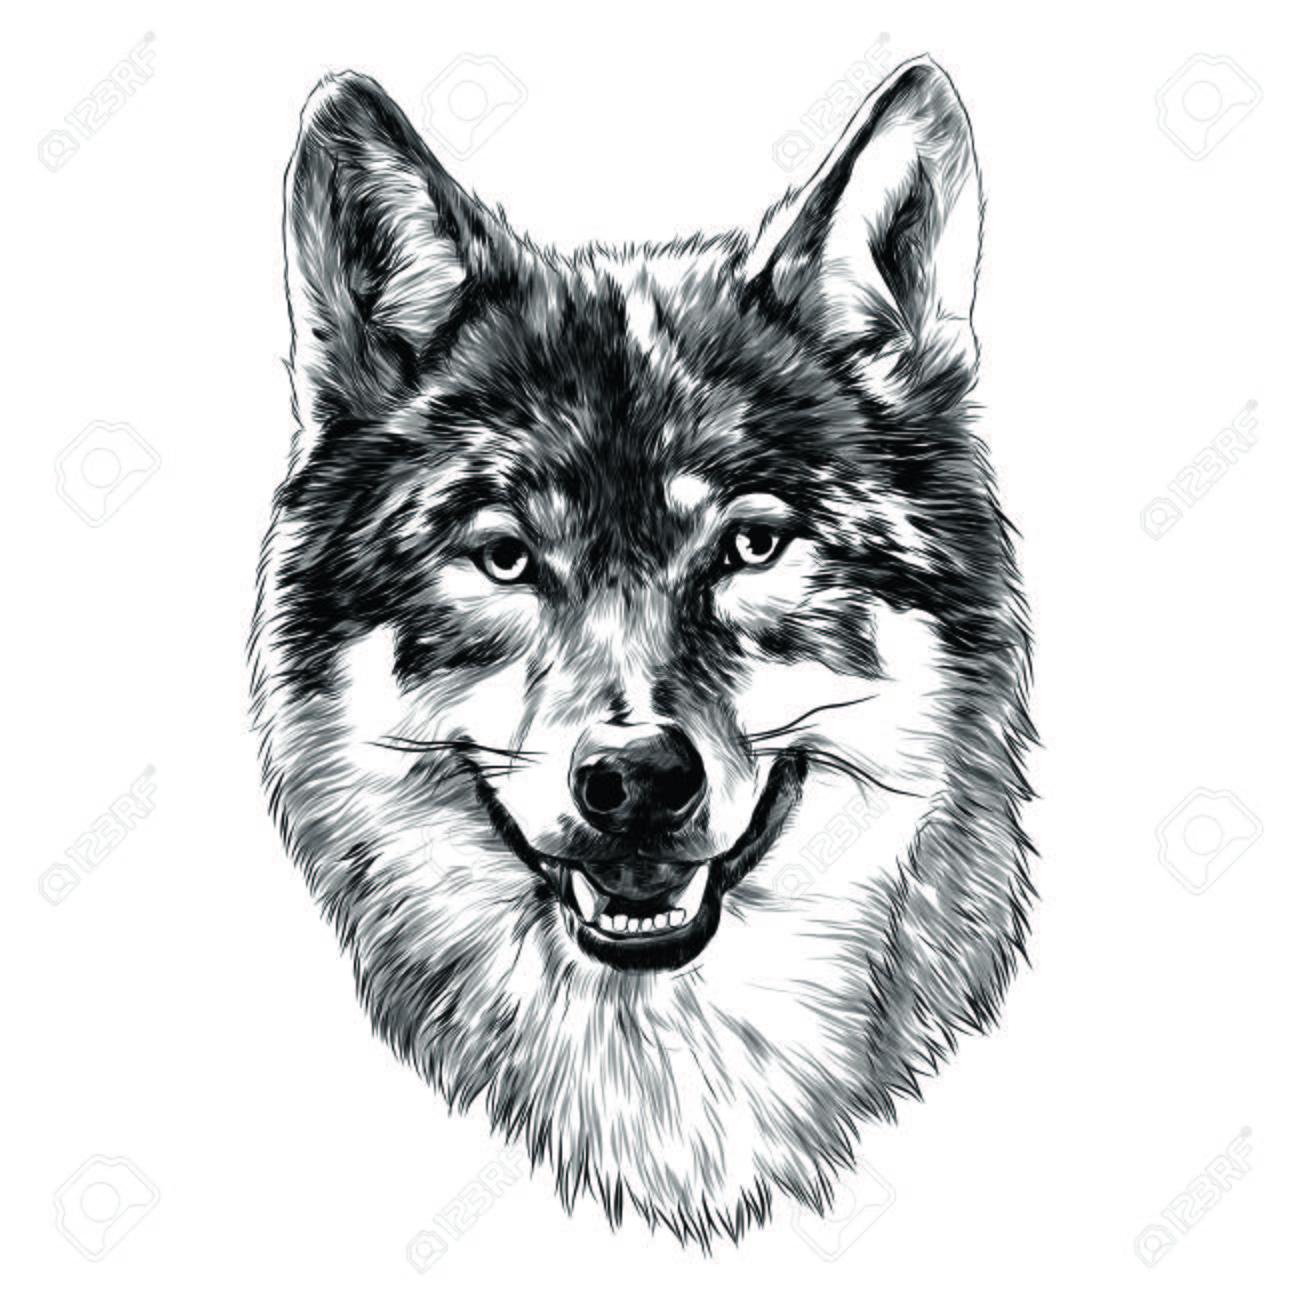 オオカミの頭はグラフィック デザインをスケッチします